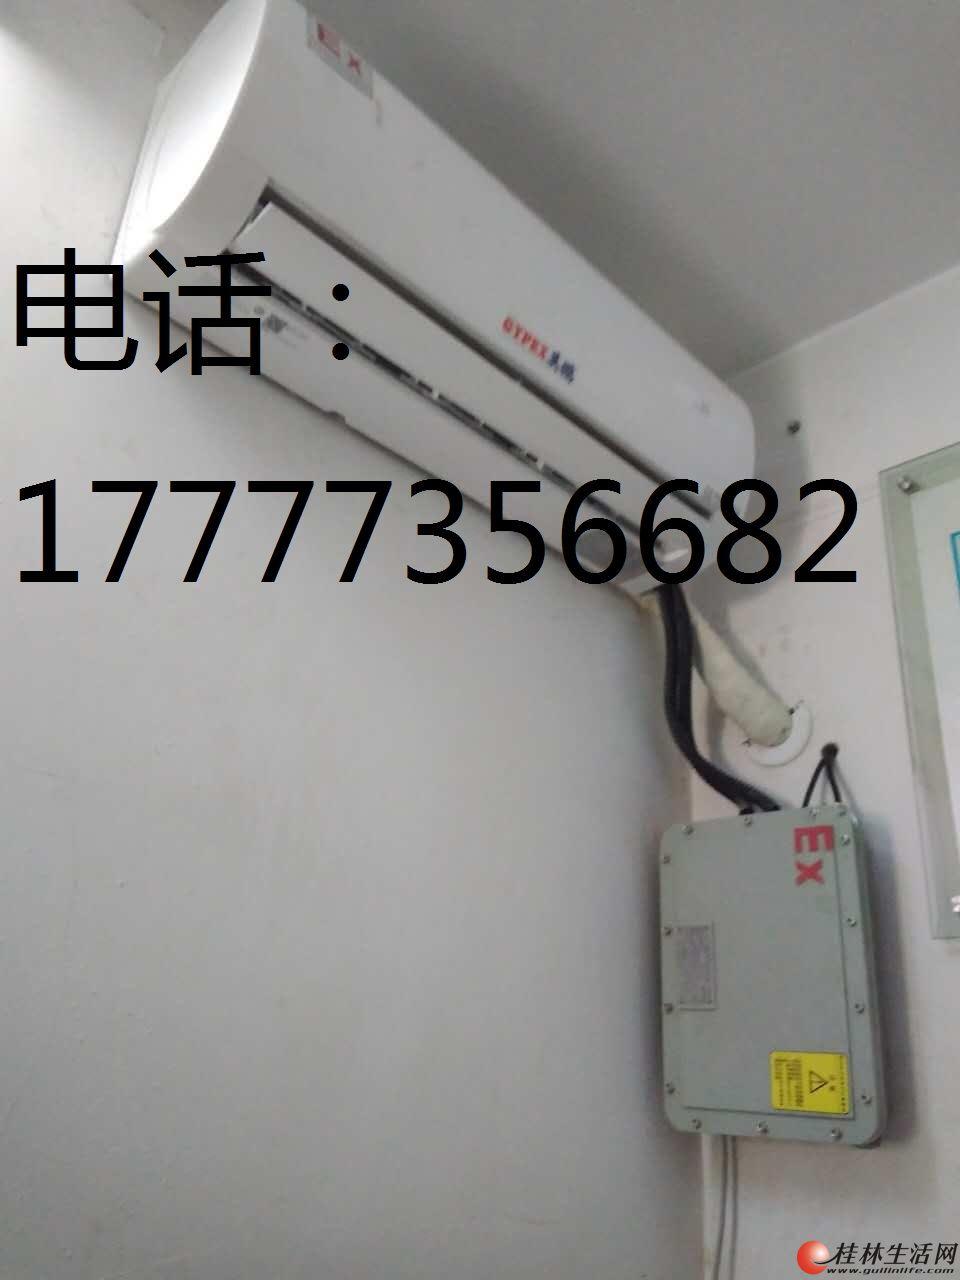 专业维修各种品牌空调,空调移机